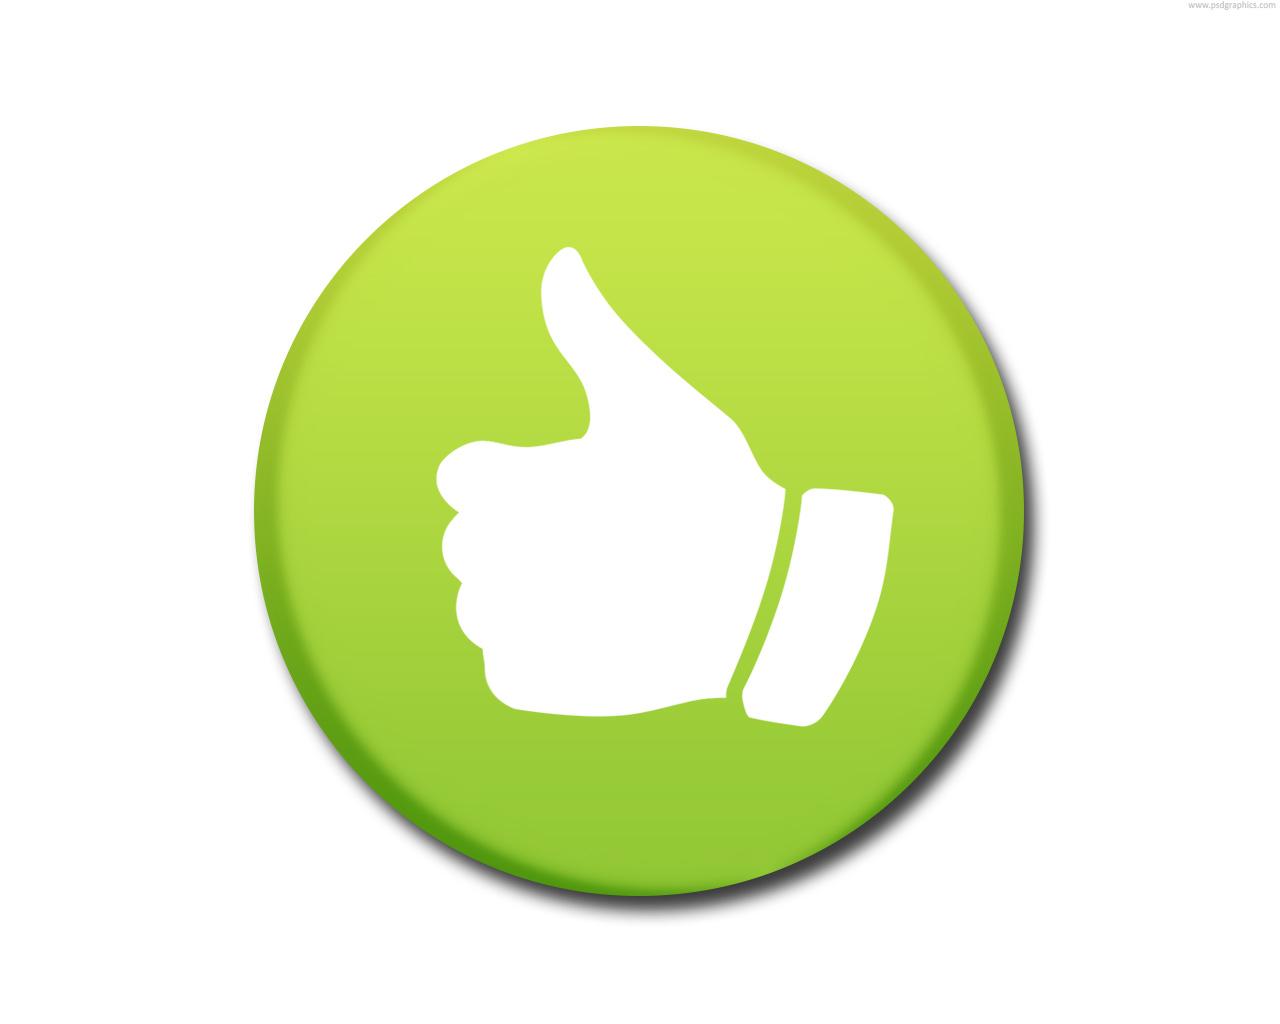 Green thumb up